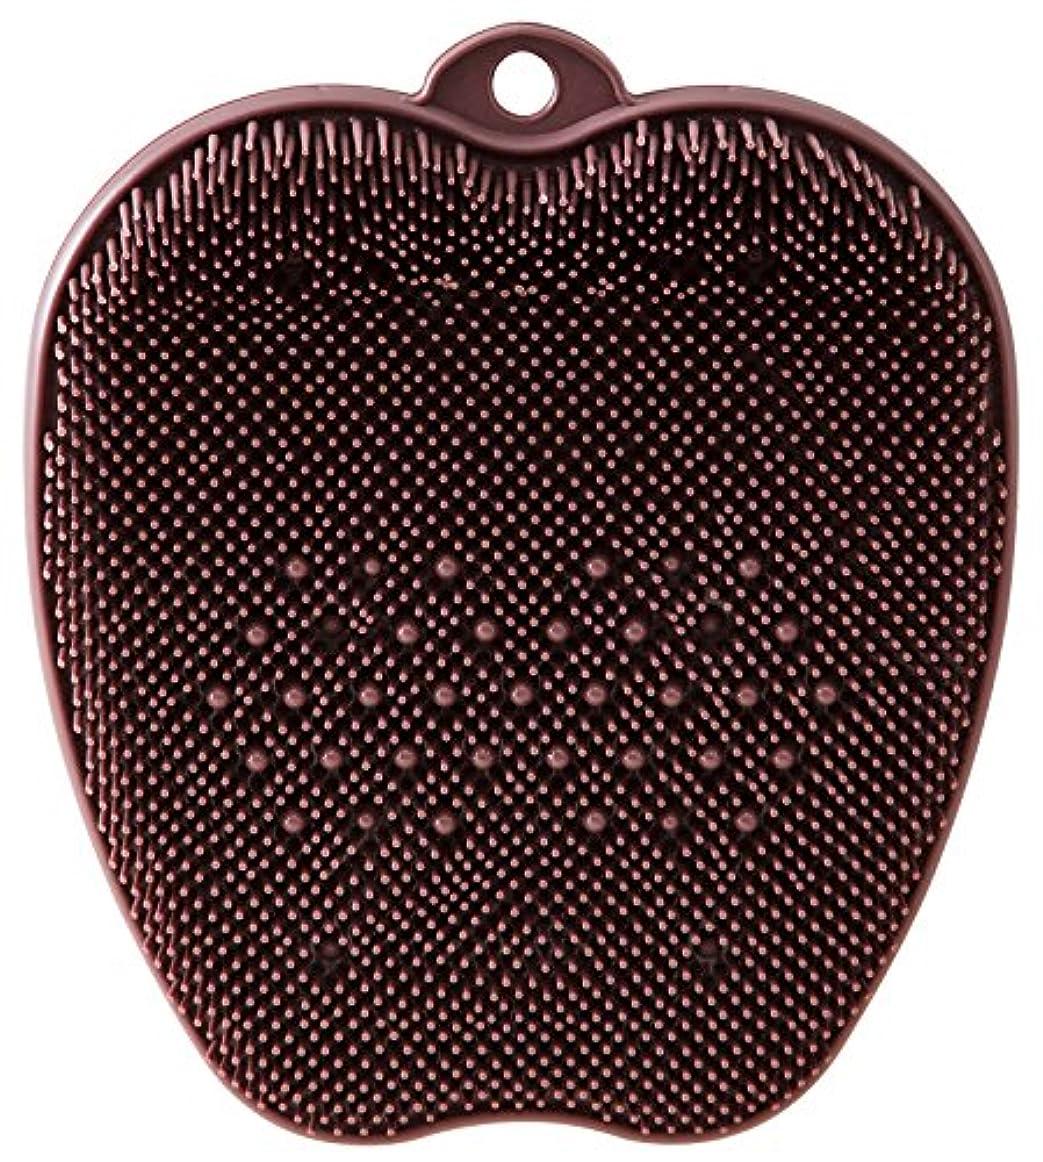 クスクス簡潔な水平tone フットブラシ ブラウン TR-15